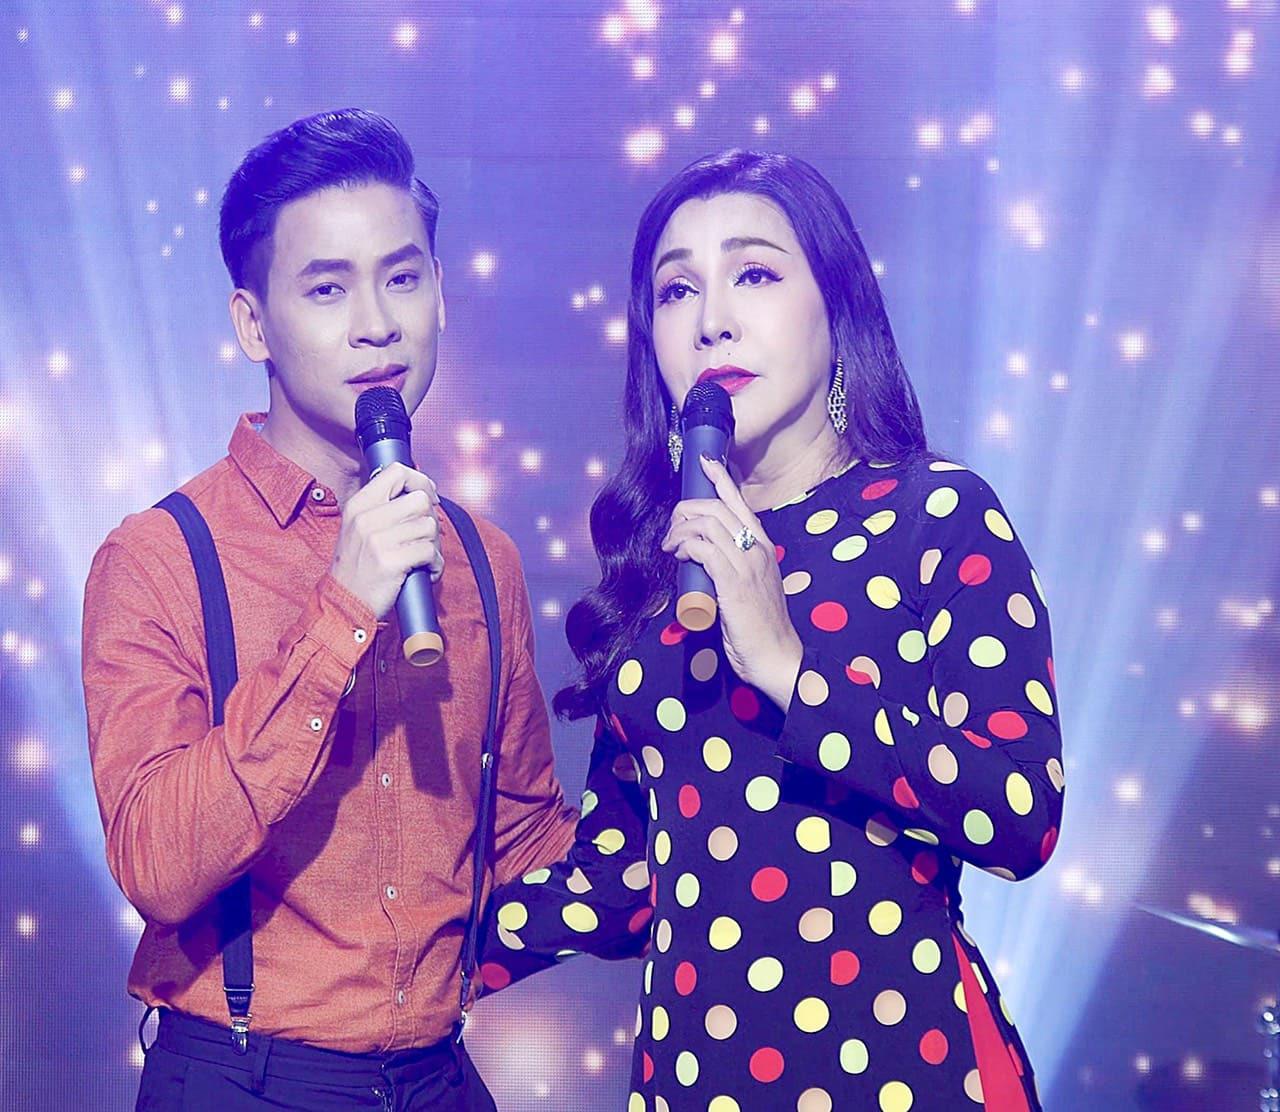 Cắn rứt câu nói của chồng cũ trước khi mất, ca sĩ Nguyễn Trang My: Giống như tôi bị quả báo - Ảnh 2